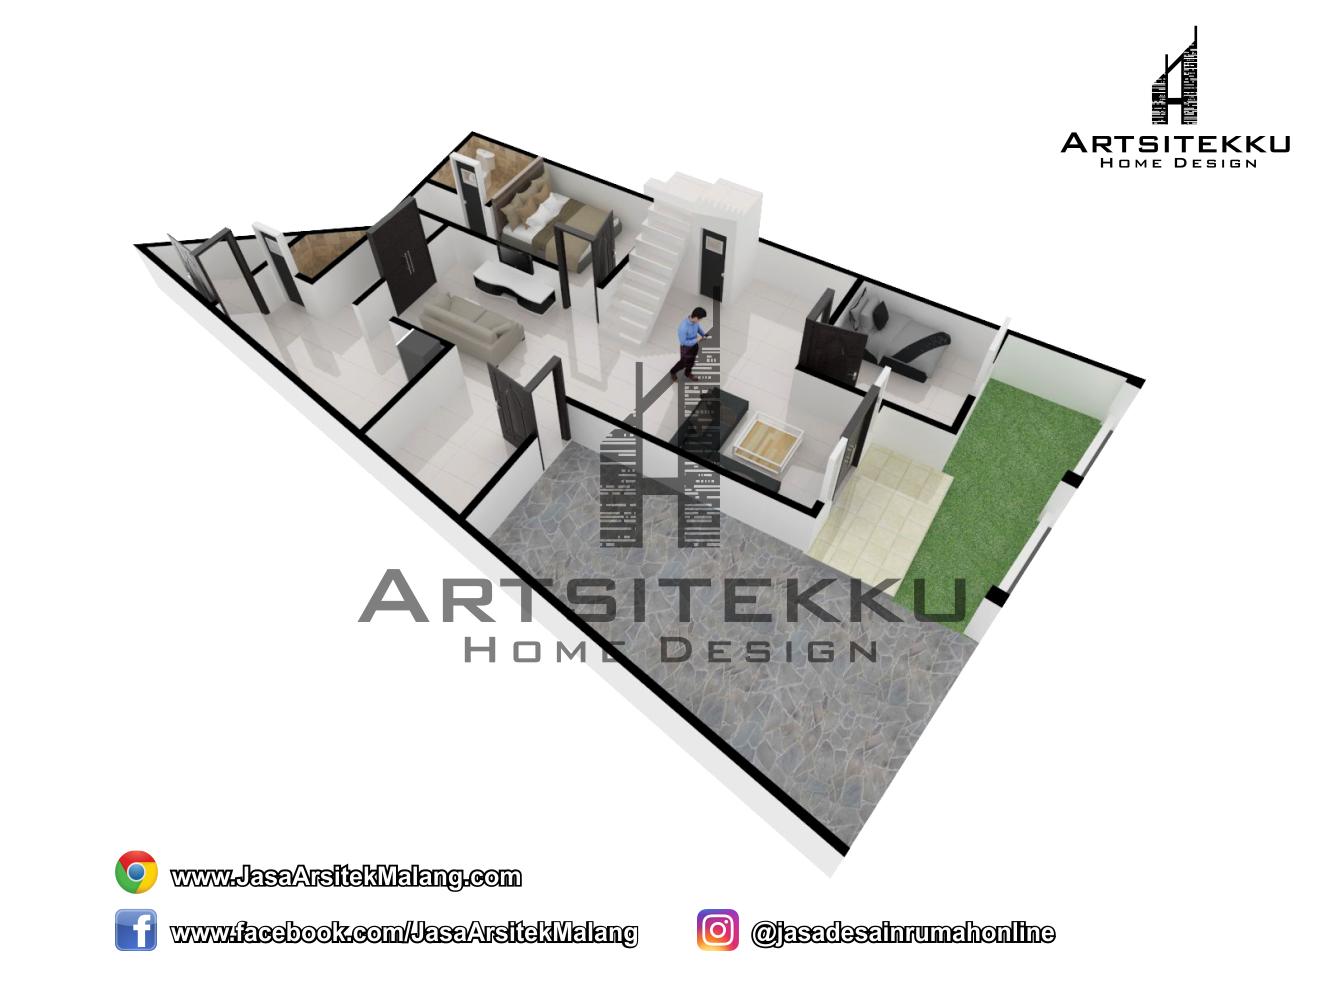 Jasa Arsitek Rumah Minimalis, Jasa Desain Rumah Minimalis, Jasa Desain Rumah Minimalis Modern ...